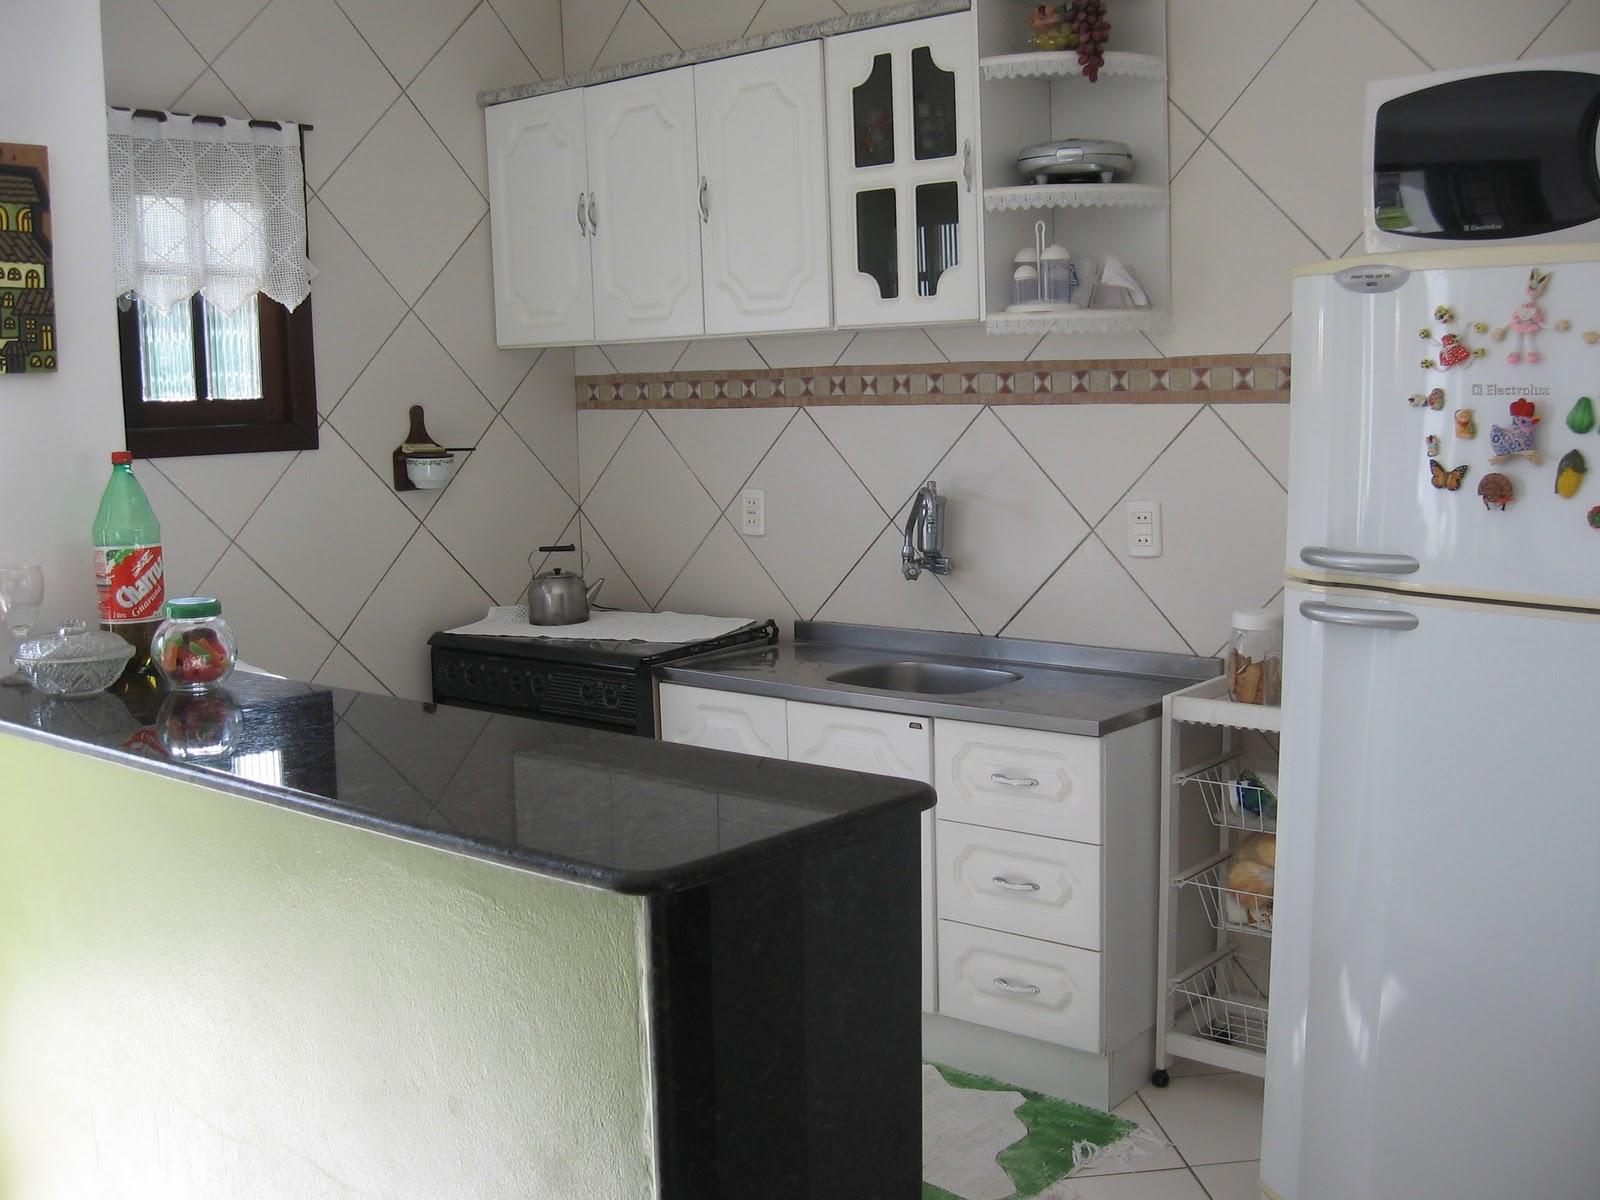 em Capão Novo RS: Cozinha estilo americana e mesa para churrasco #664940 1600 1200